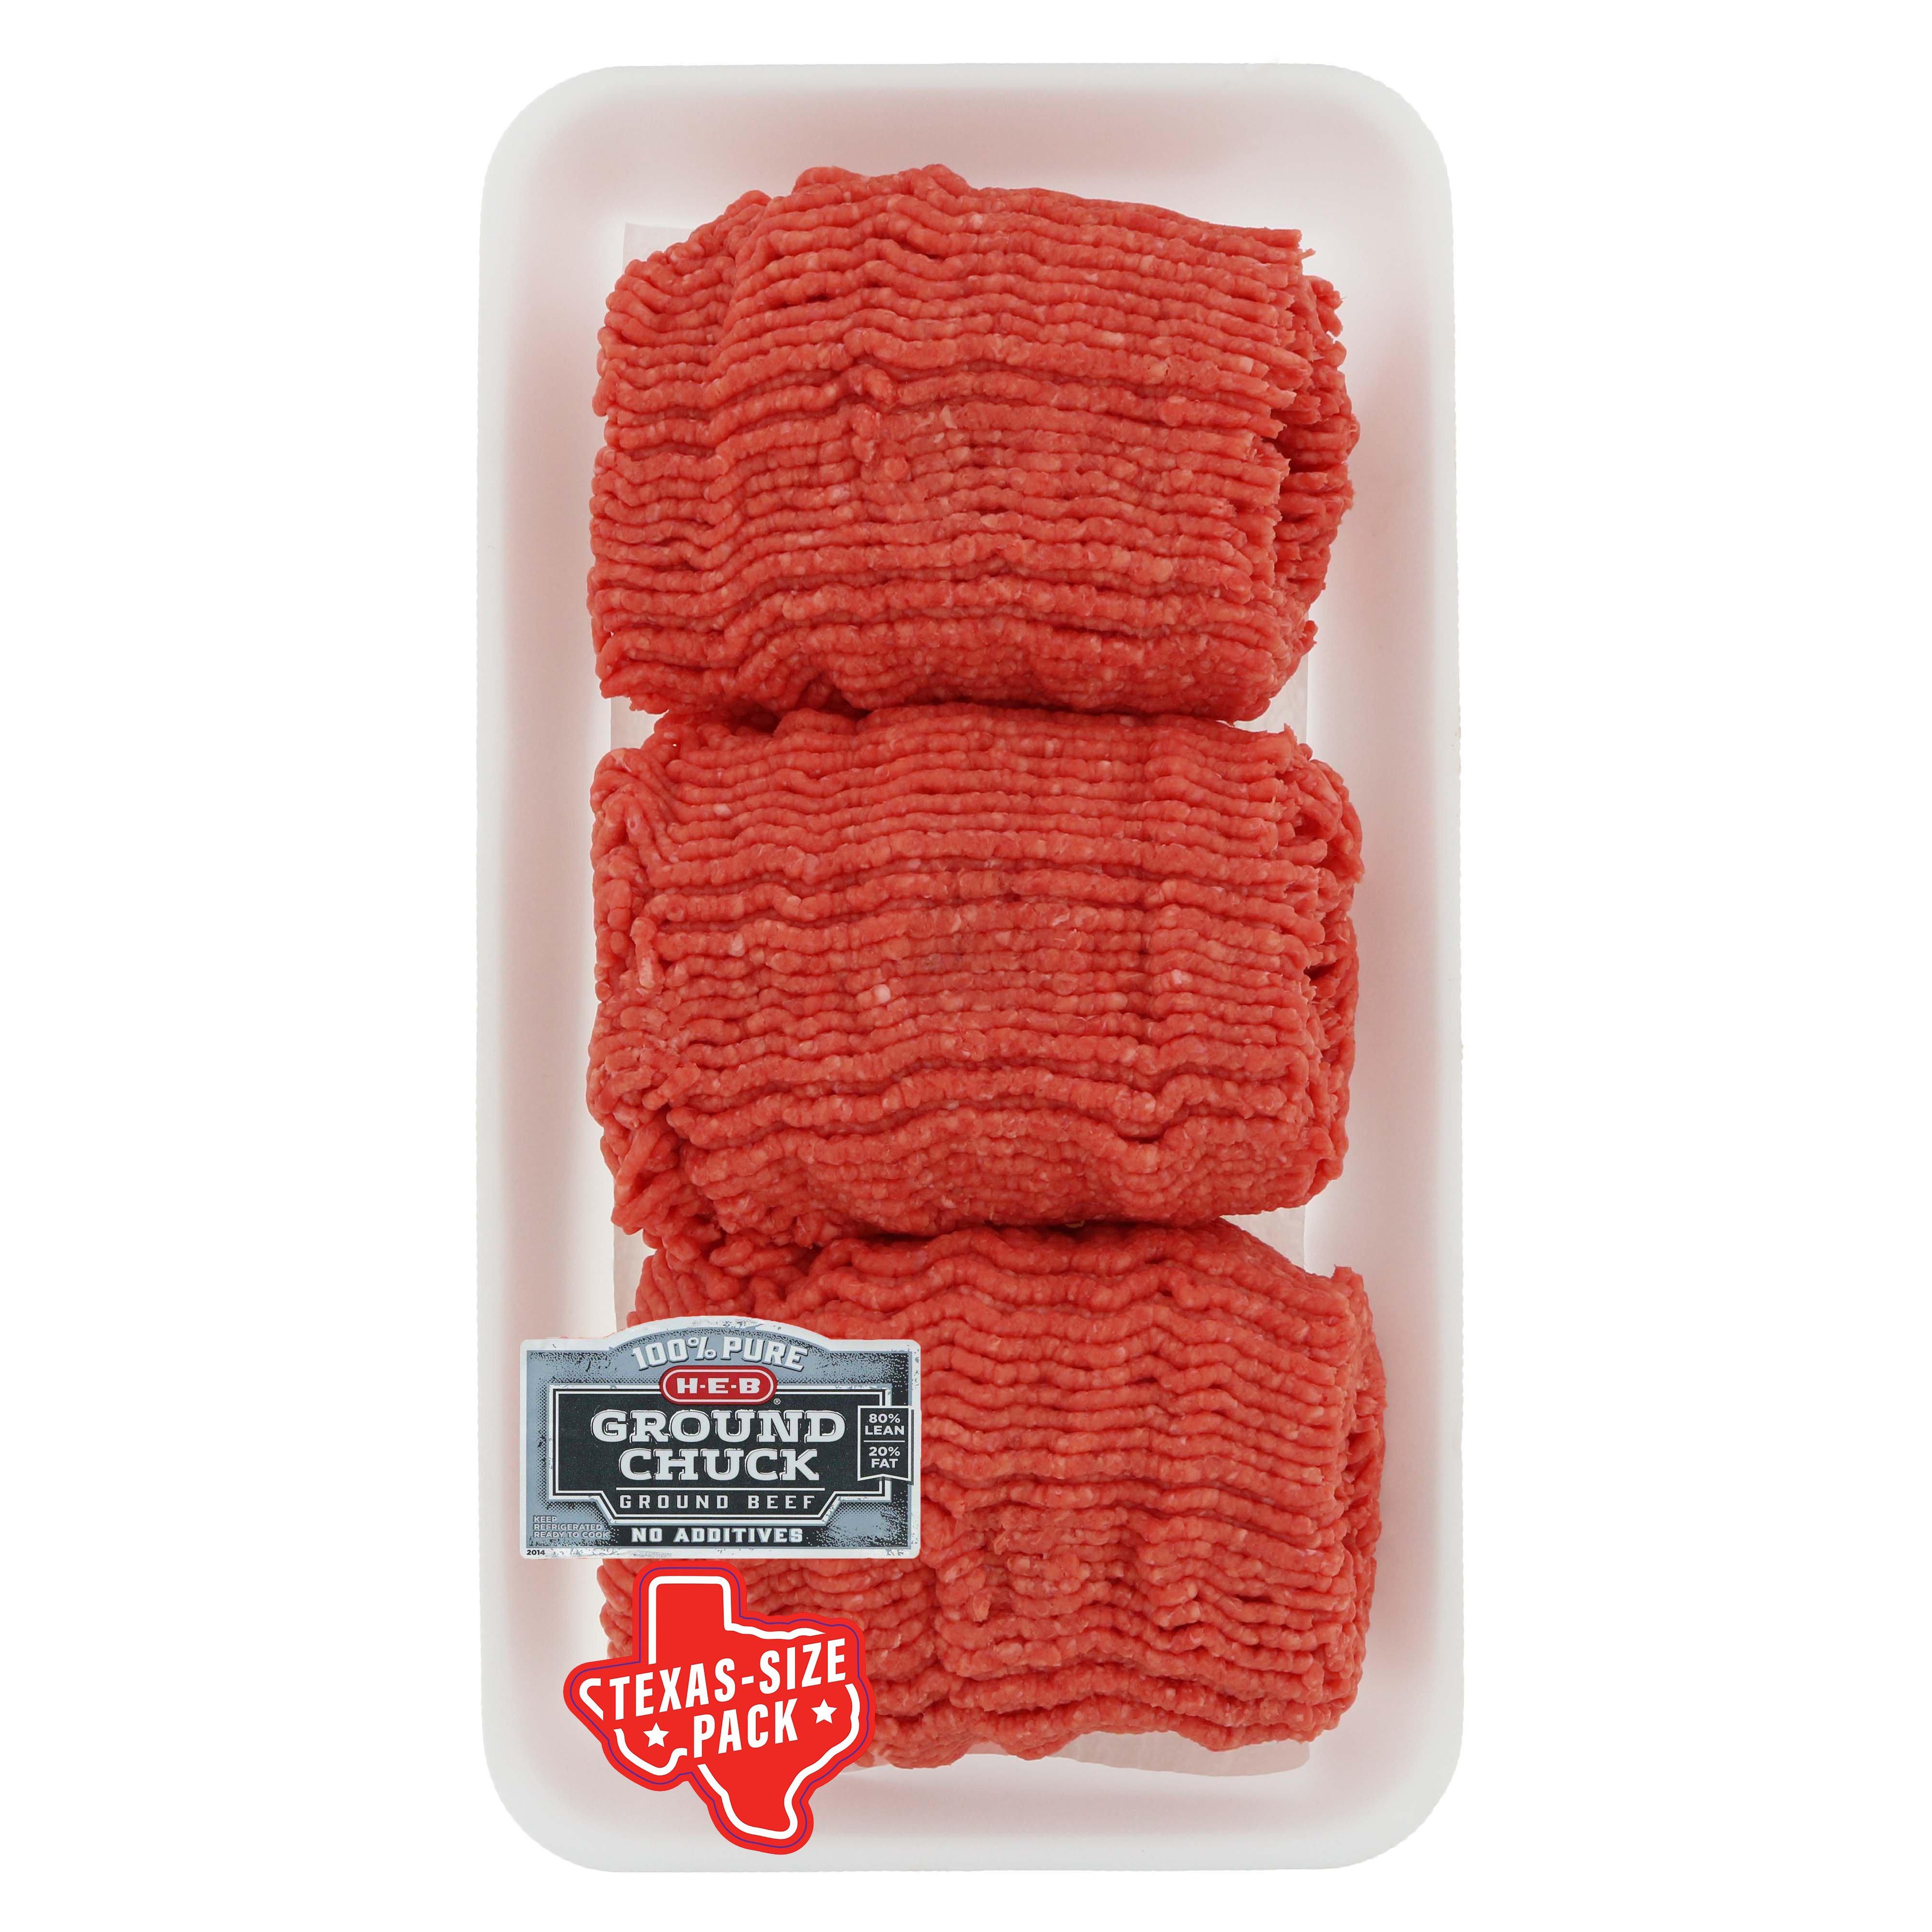 H-E-B Ground Chuck Club Pack 80% Lean